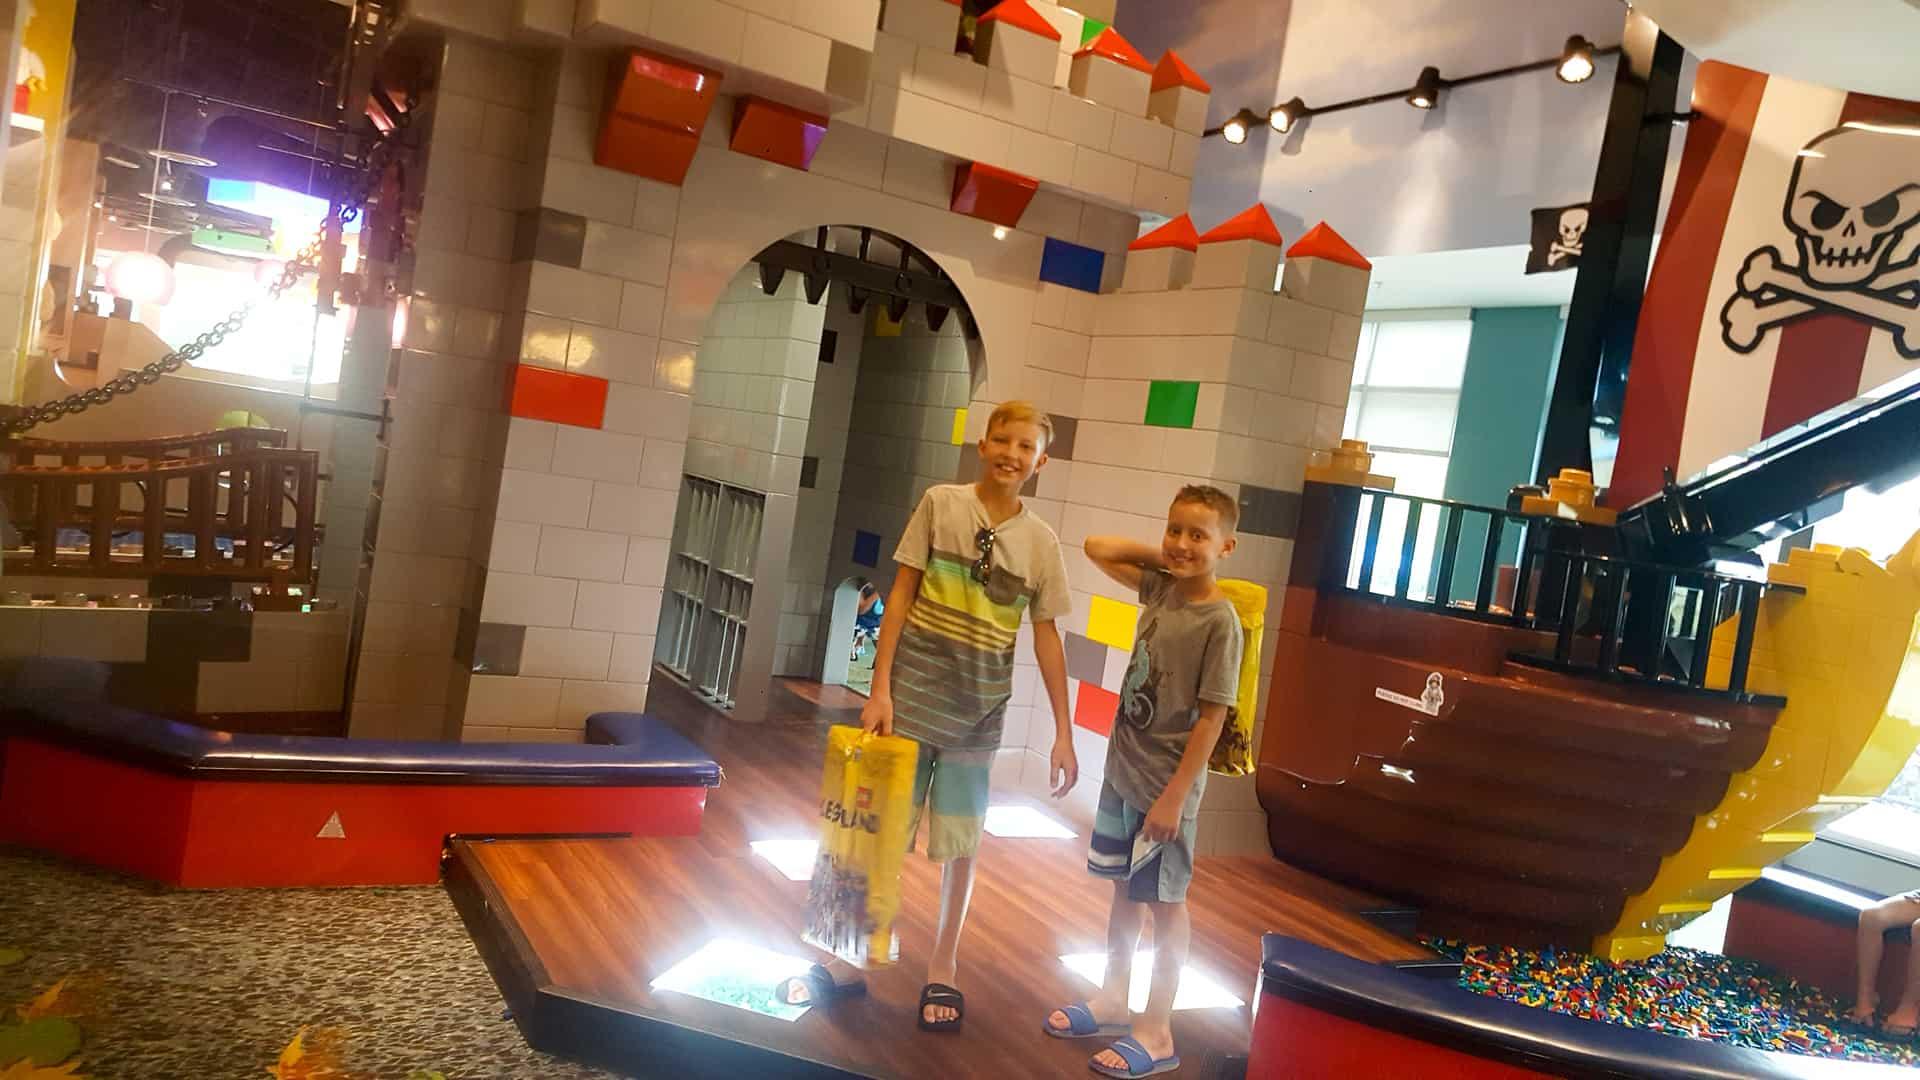 Legoland Florida Hotel inside play area